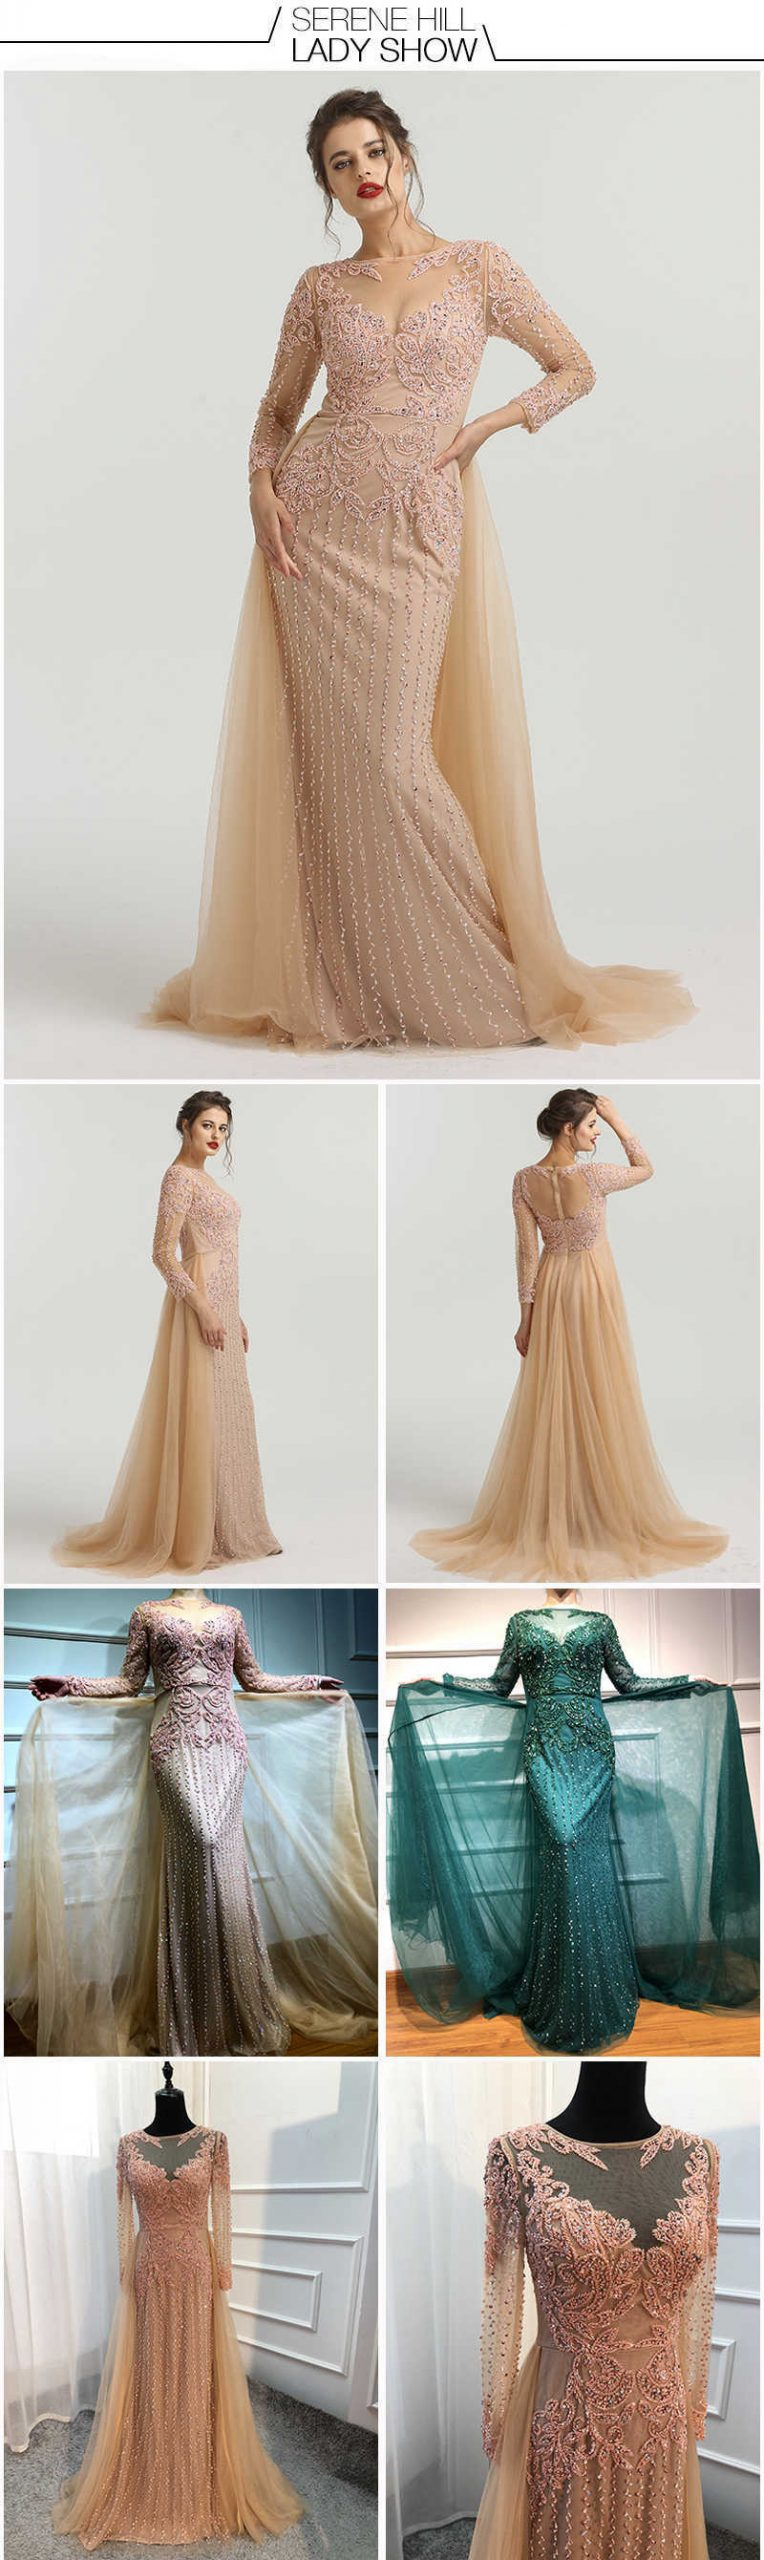 Formal Großartig Schein Abend Kleider Boutique10 Kreativ Schein Abend Kleider Galerie